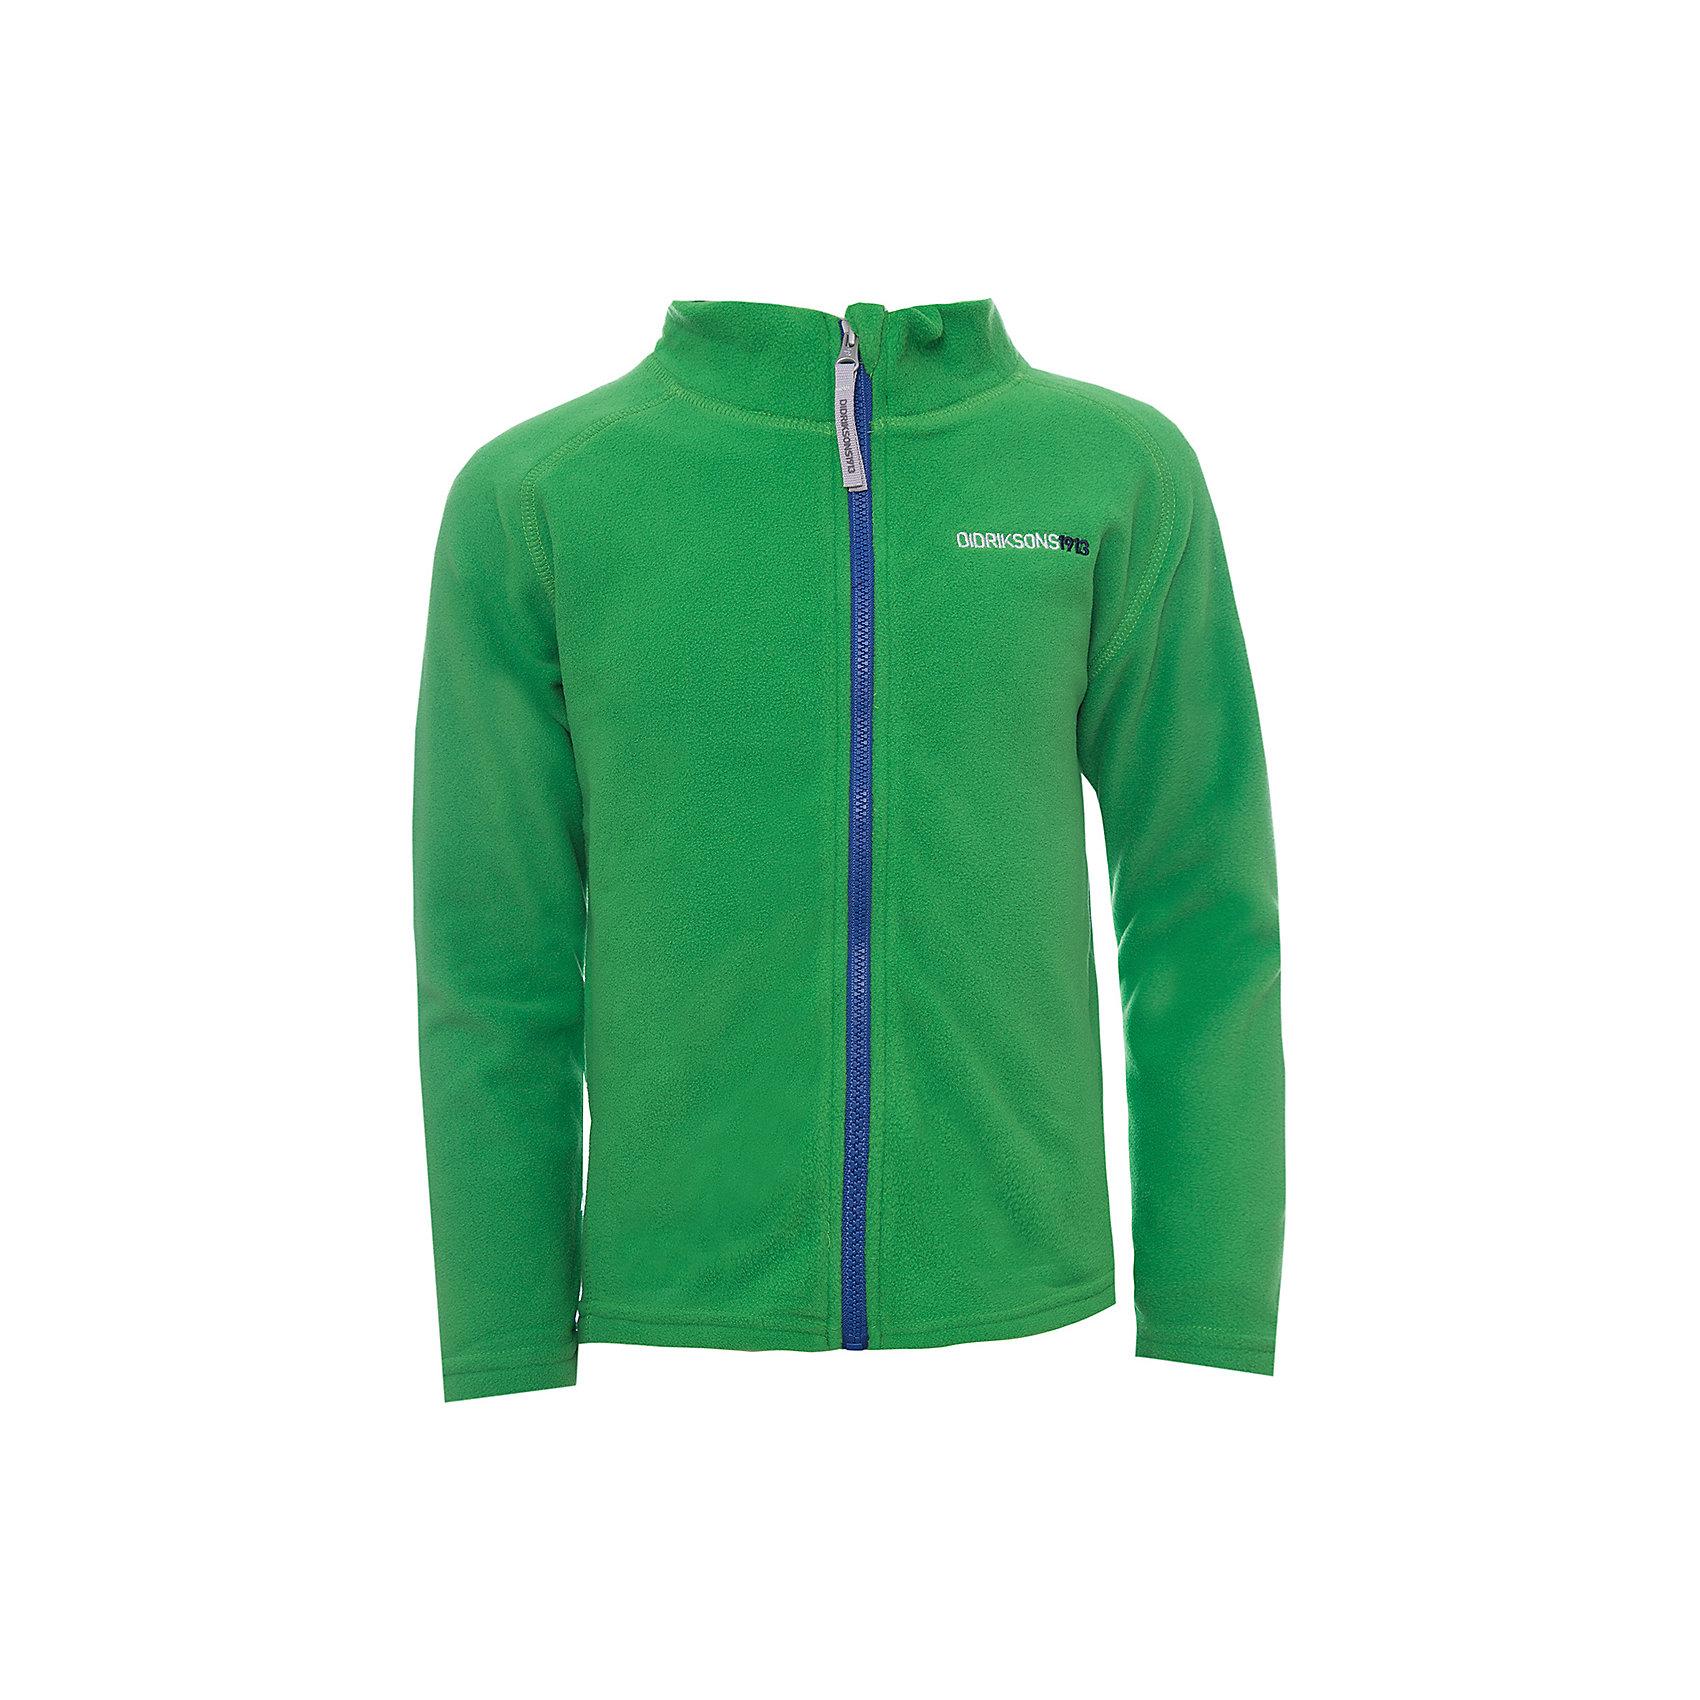 Куртка MONTE  DIDRIKSONSВерхняя одежда<br>Характеристики товара:<br><br>• цвет: зеленый<br>• состав ткани: 100% полиэстер (флис)<br>• утеплитель: нет<br>• сезон: демисезон<br>• теплоизоляционная<br>• застежка: молния<br>• страна бренда: Швеция<br>• страна изготовитель: Китай<br><br>Яркая детская куртка обладает хорошими теплоизоляционными свойствами. Мягкая детская куртка может надеваться под верхнюю одежду для дополнительного утепления. Флисовая детская куртка легко надевается благодаря продуманному крою. Такая куртка для ребенка отличается комфортной посадкой. <br><br>Куртку Monte Didriksons (Дидриксонс) можно купить в нашем интернет-магазине.<br><br>Ширина мм: 356<br>Глубина мм: 10<br>Высота мм: 245<br>Вес г: 519<br>Цвет: зеленый<br>Возраст от месяцев: 108<br>Возраст до месяцев: 120<br>Пол: Унисекс<br>Возраст: Детский<br>Размер: 140,80,90,100,110,120,130<br>SKU: 7045053